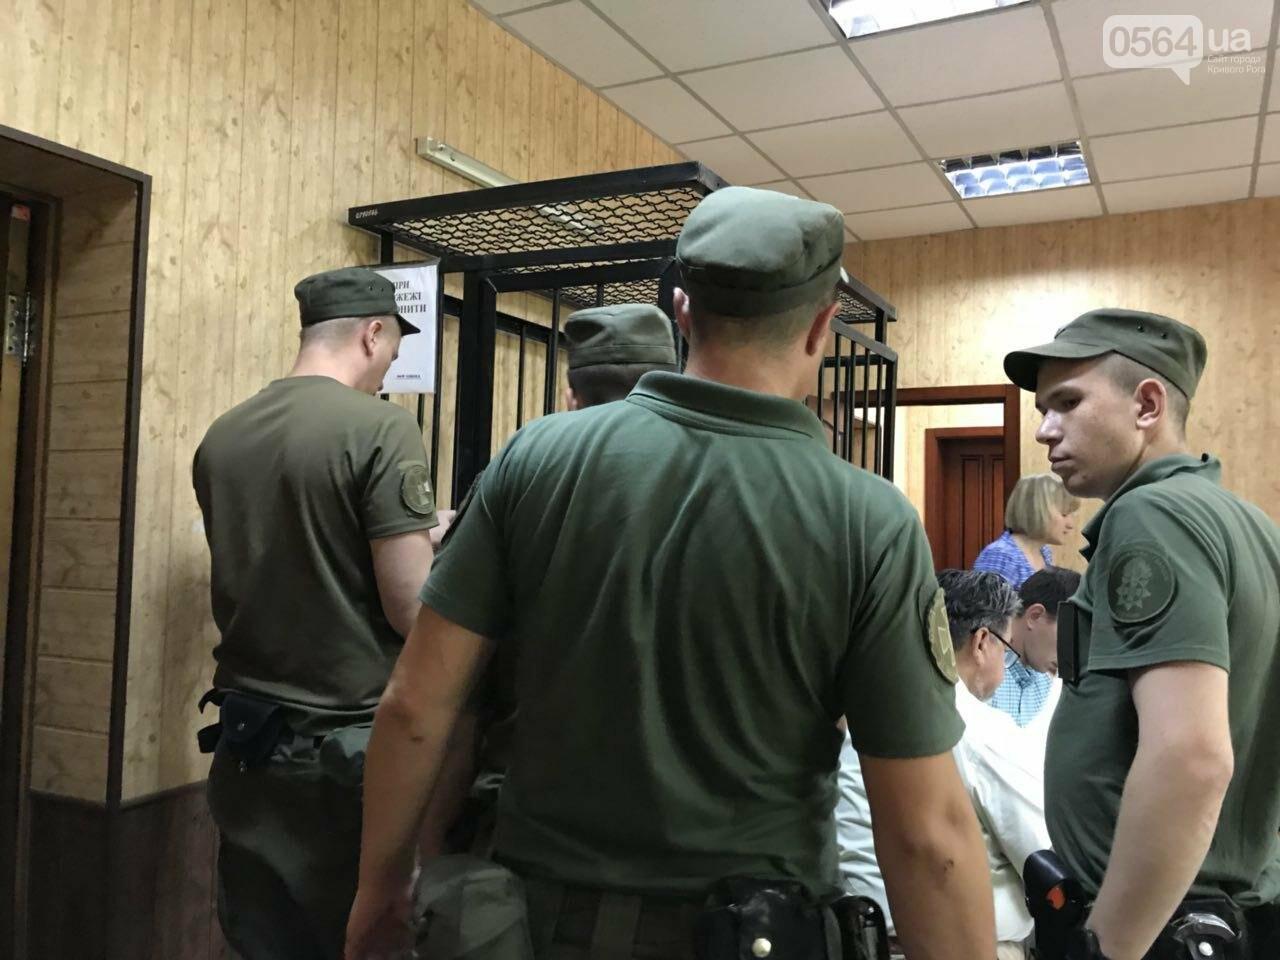 В Кривом Роге перенесли суд по делу о похищении и убийстве 20-летнего студента, - ФОТО, фото-9